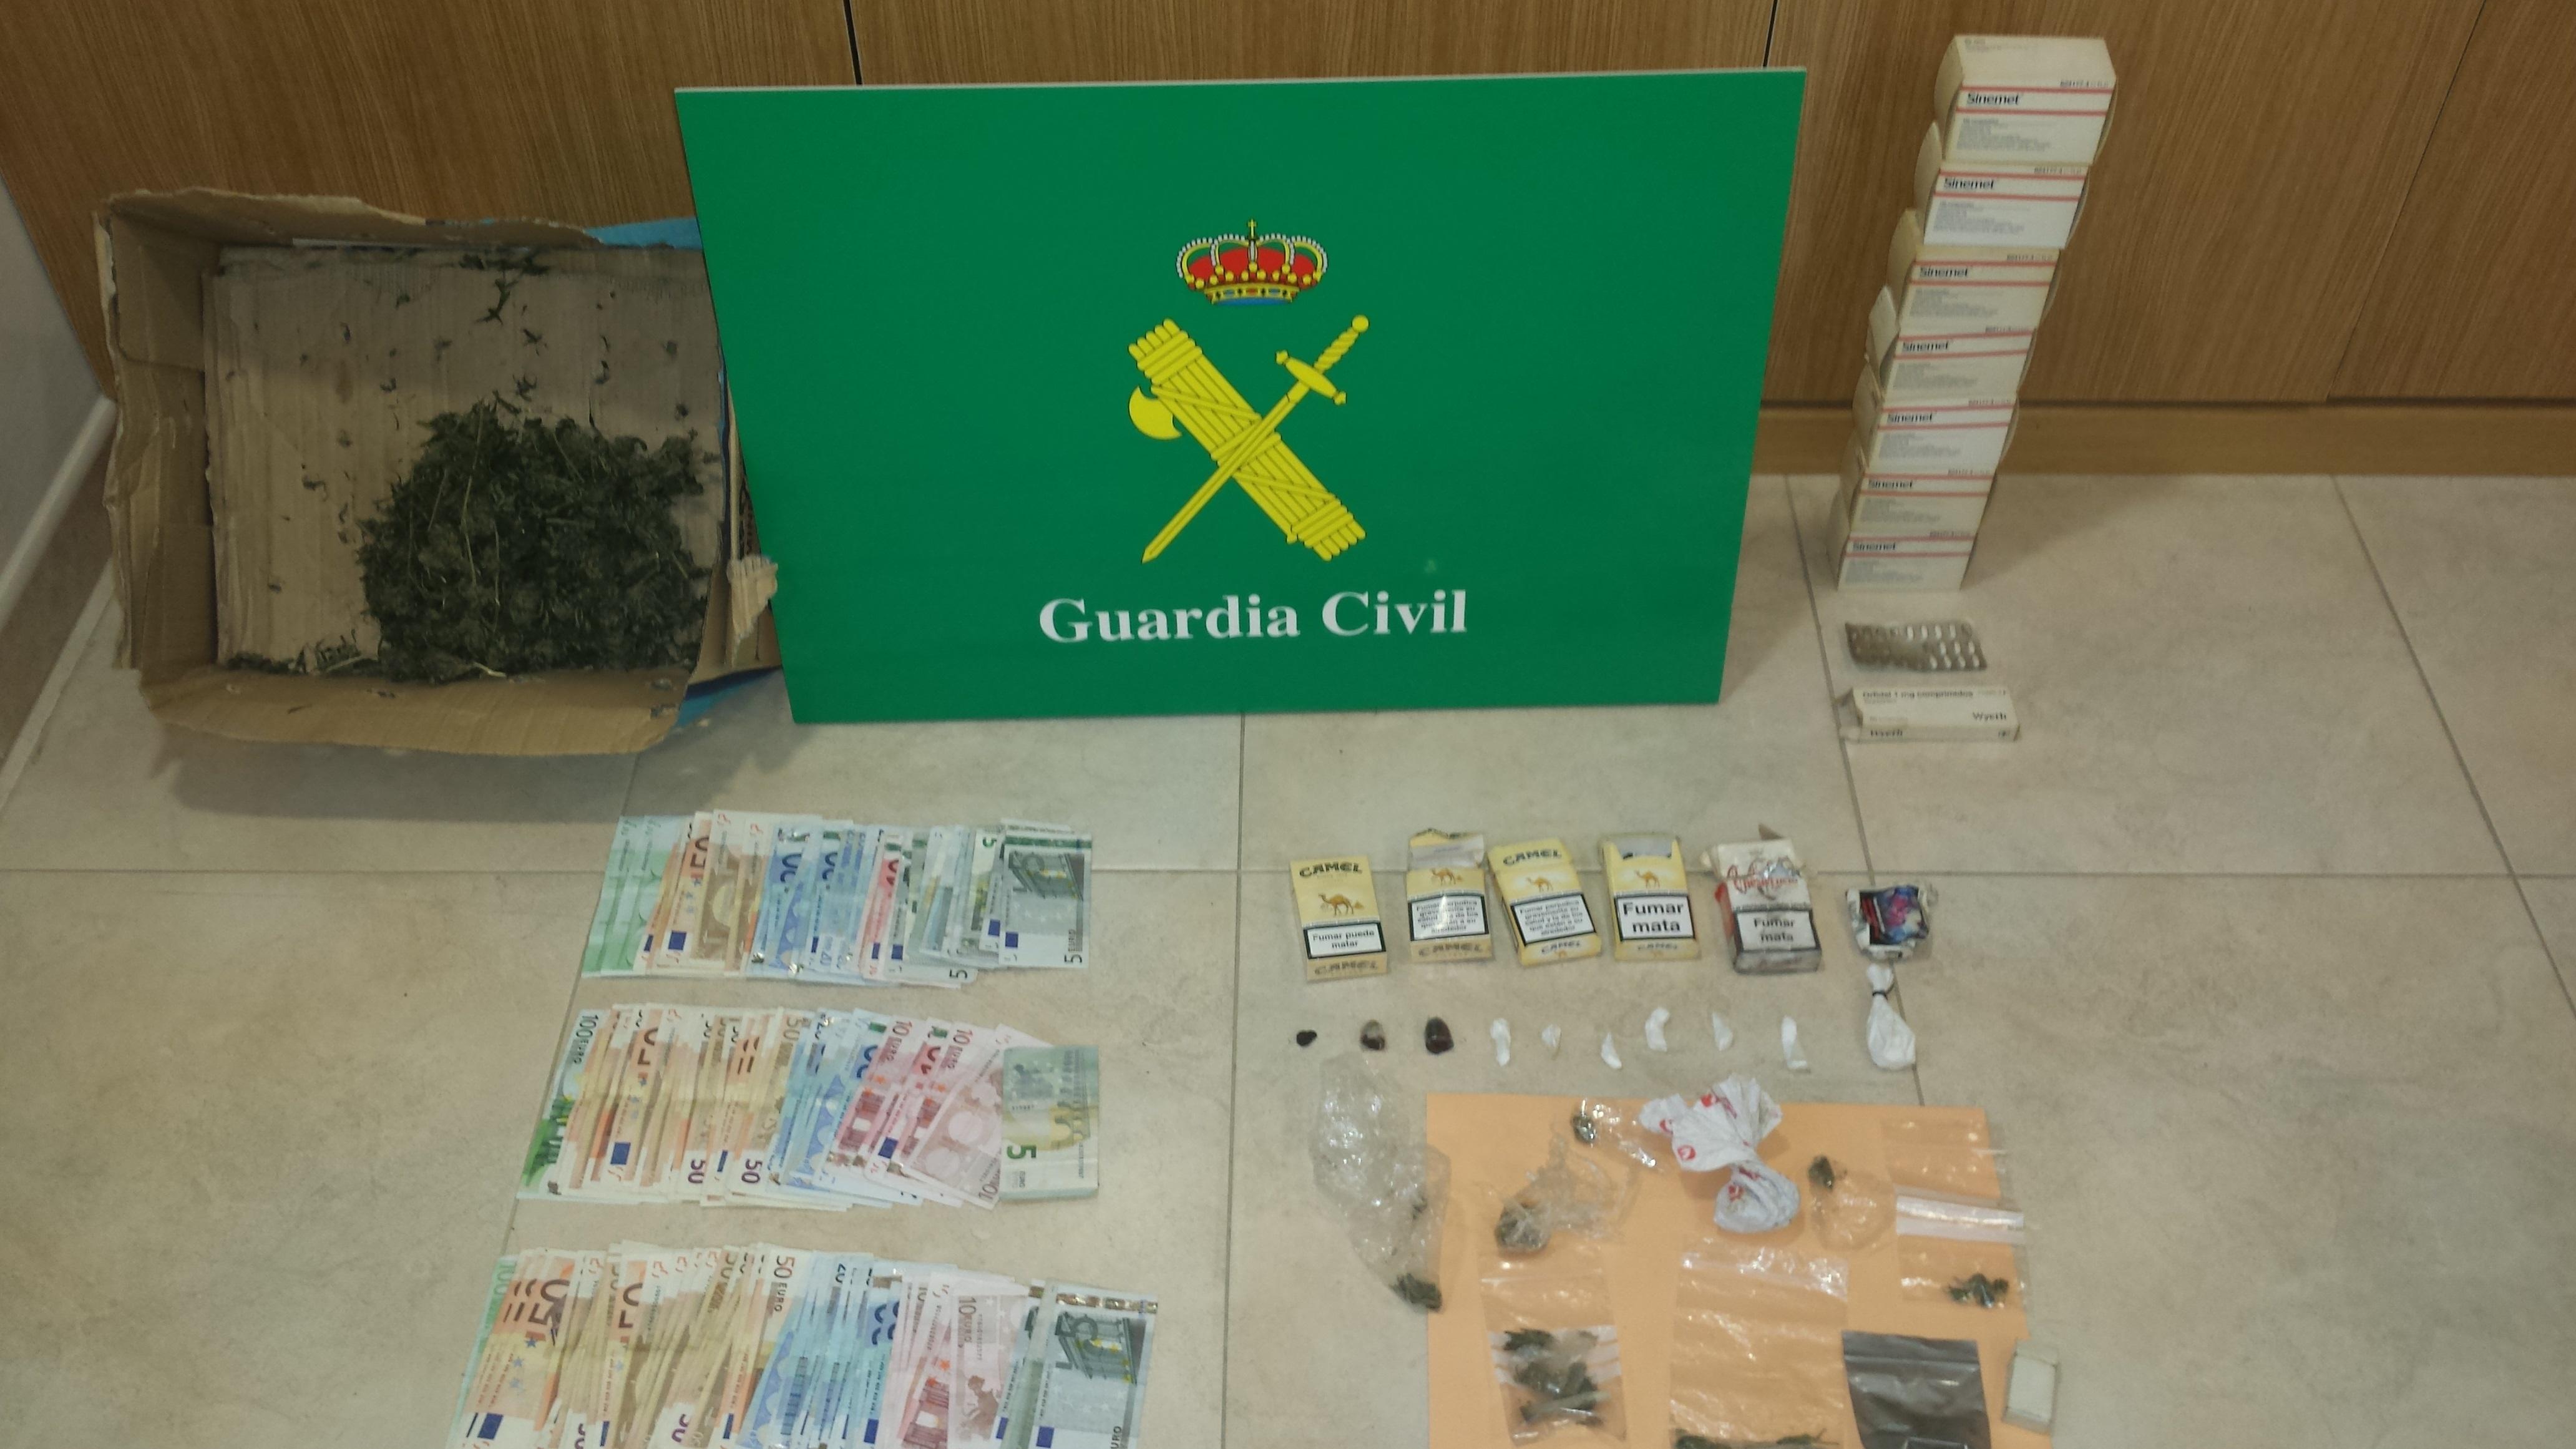 La Guardia Civil desarticula un punto de venta de droga en las inmediaciones de Ourense y detiene a una persona